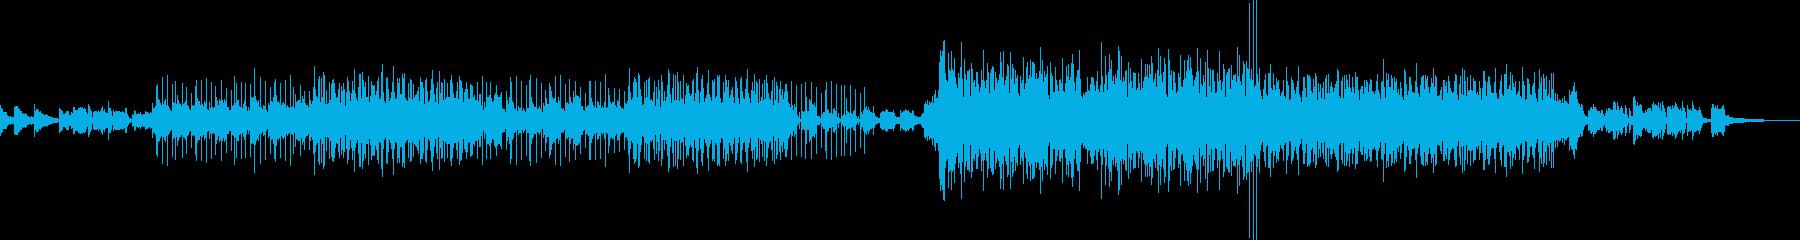 ピアノの旋律が印象的なポップスの再生済みの波形